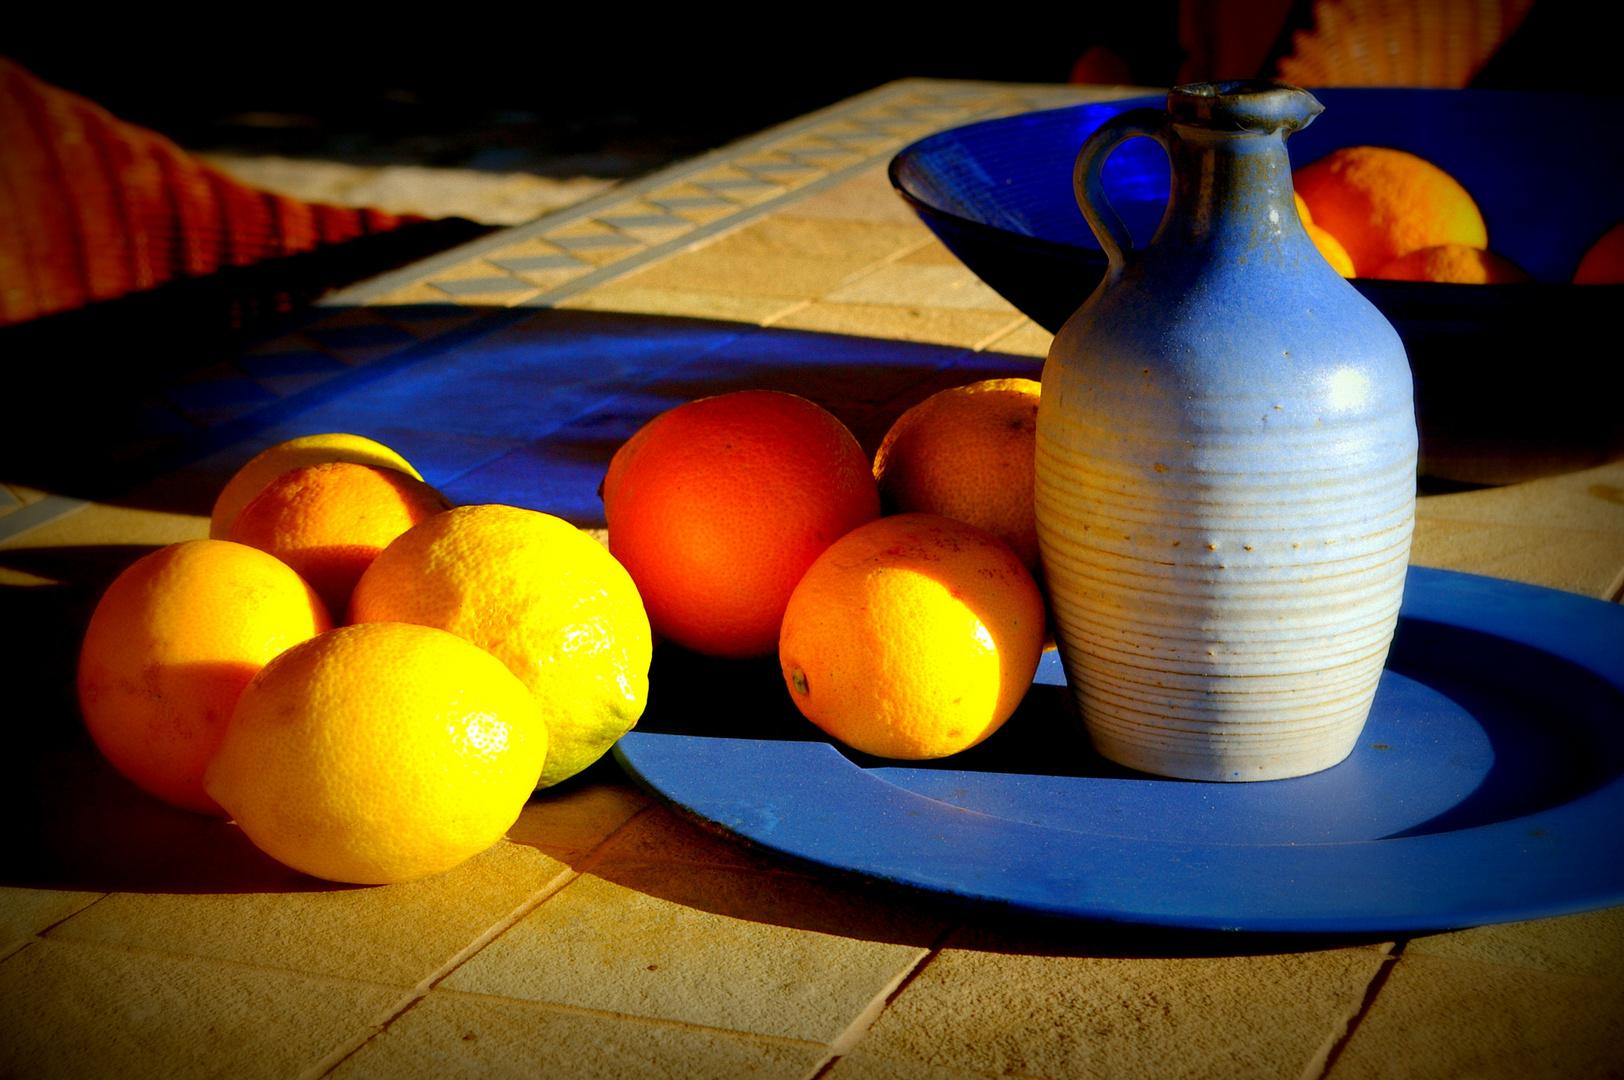 Südfrüchte und Landhausstil